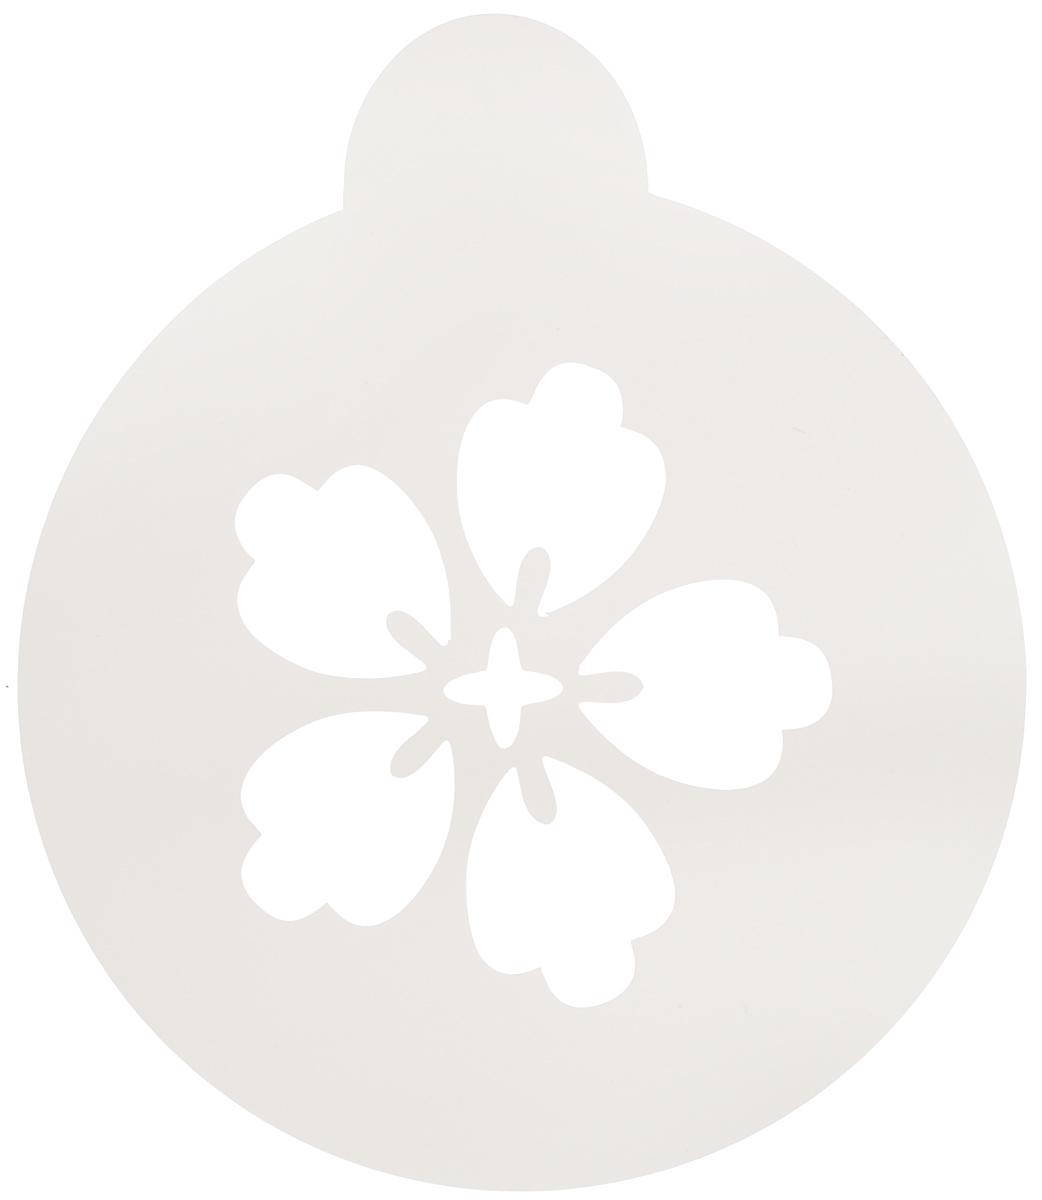 Трафарет на кофе и десерты Леденцовая фабрика Цветочек-пятилистник, диаметр 10 см набор лапка леденцовая фабрика